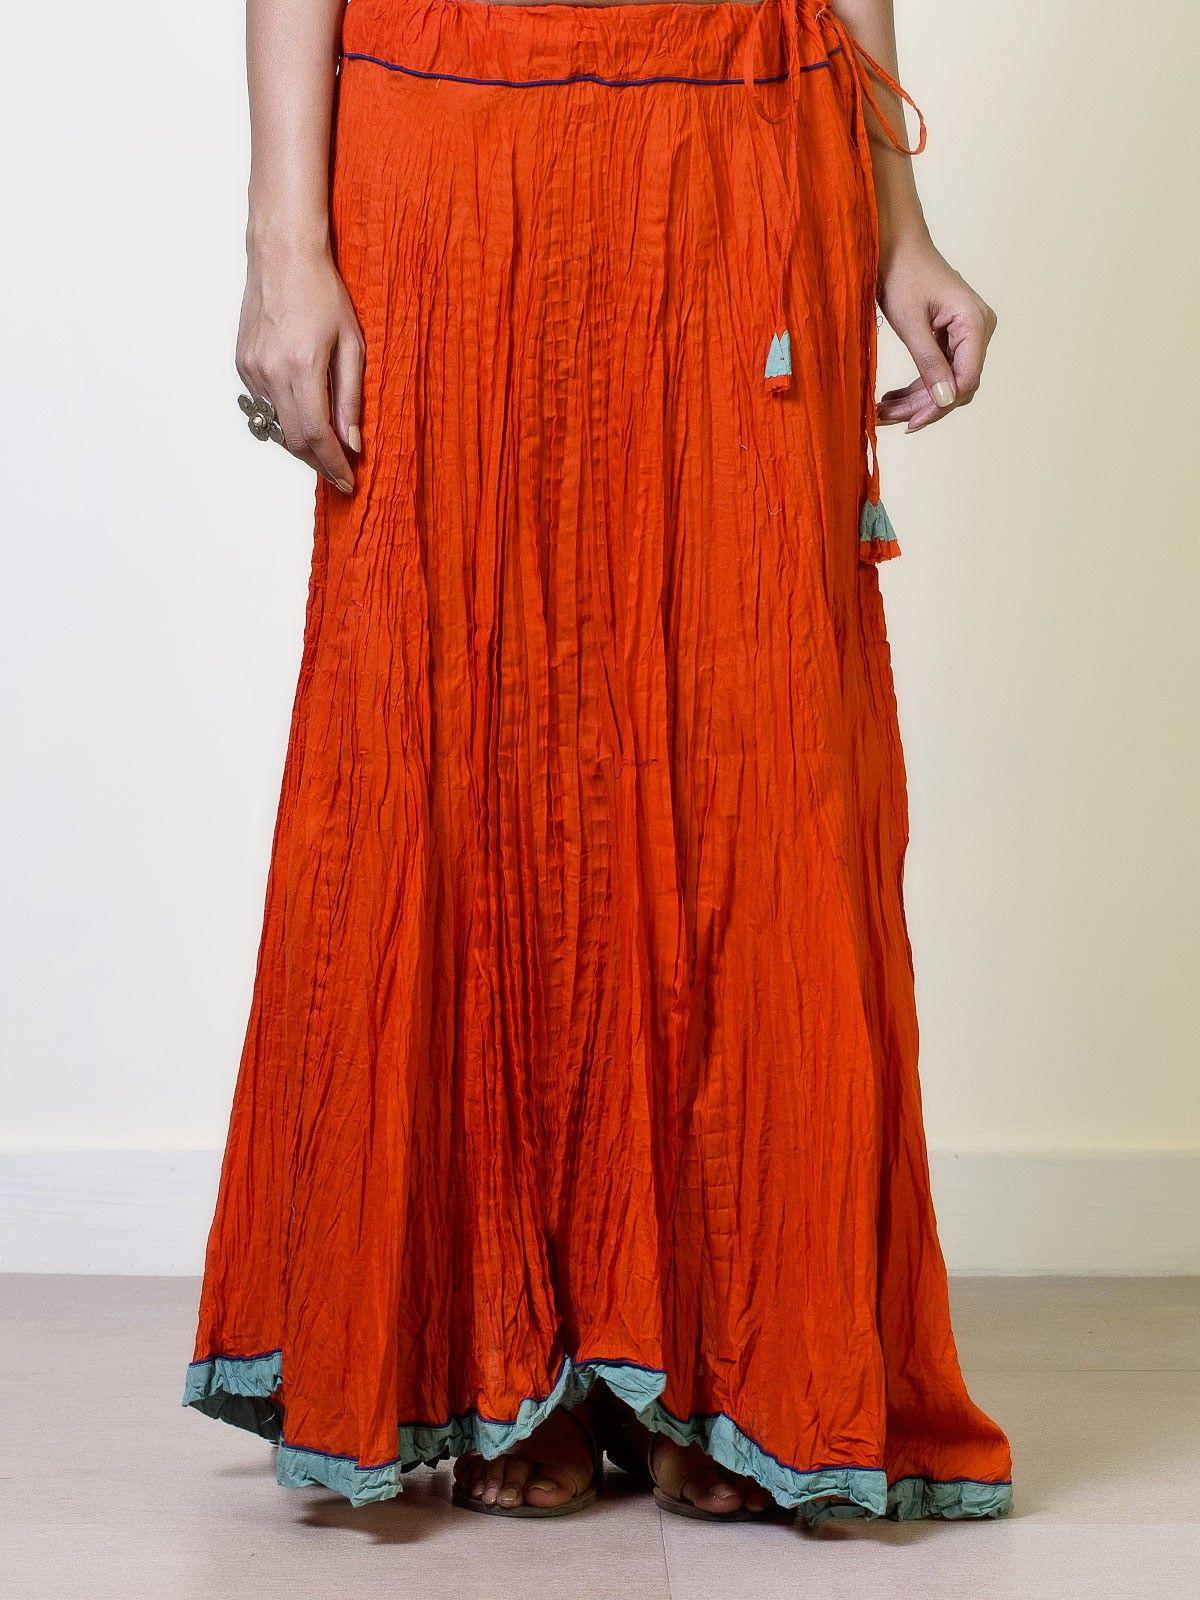 Tangerine Crushed Cotton Circular Skirt